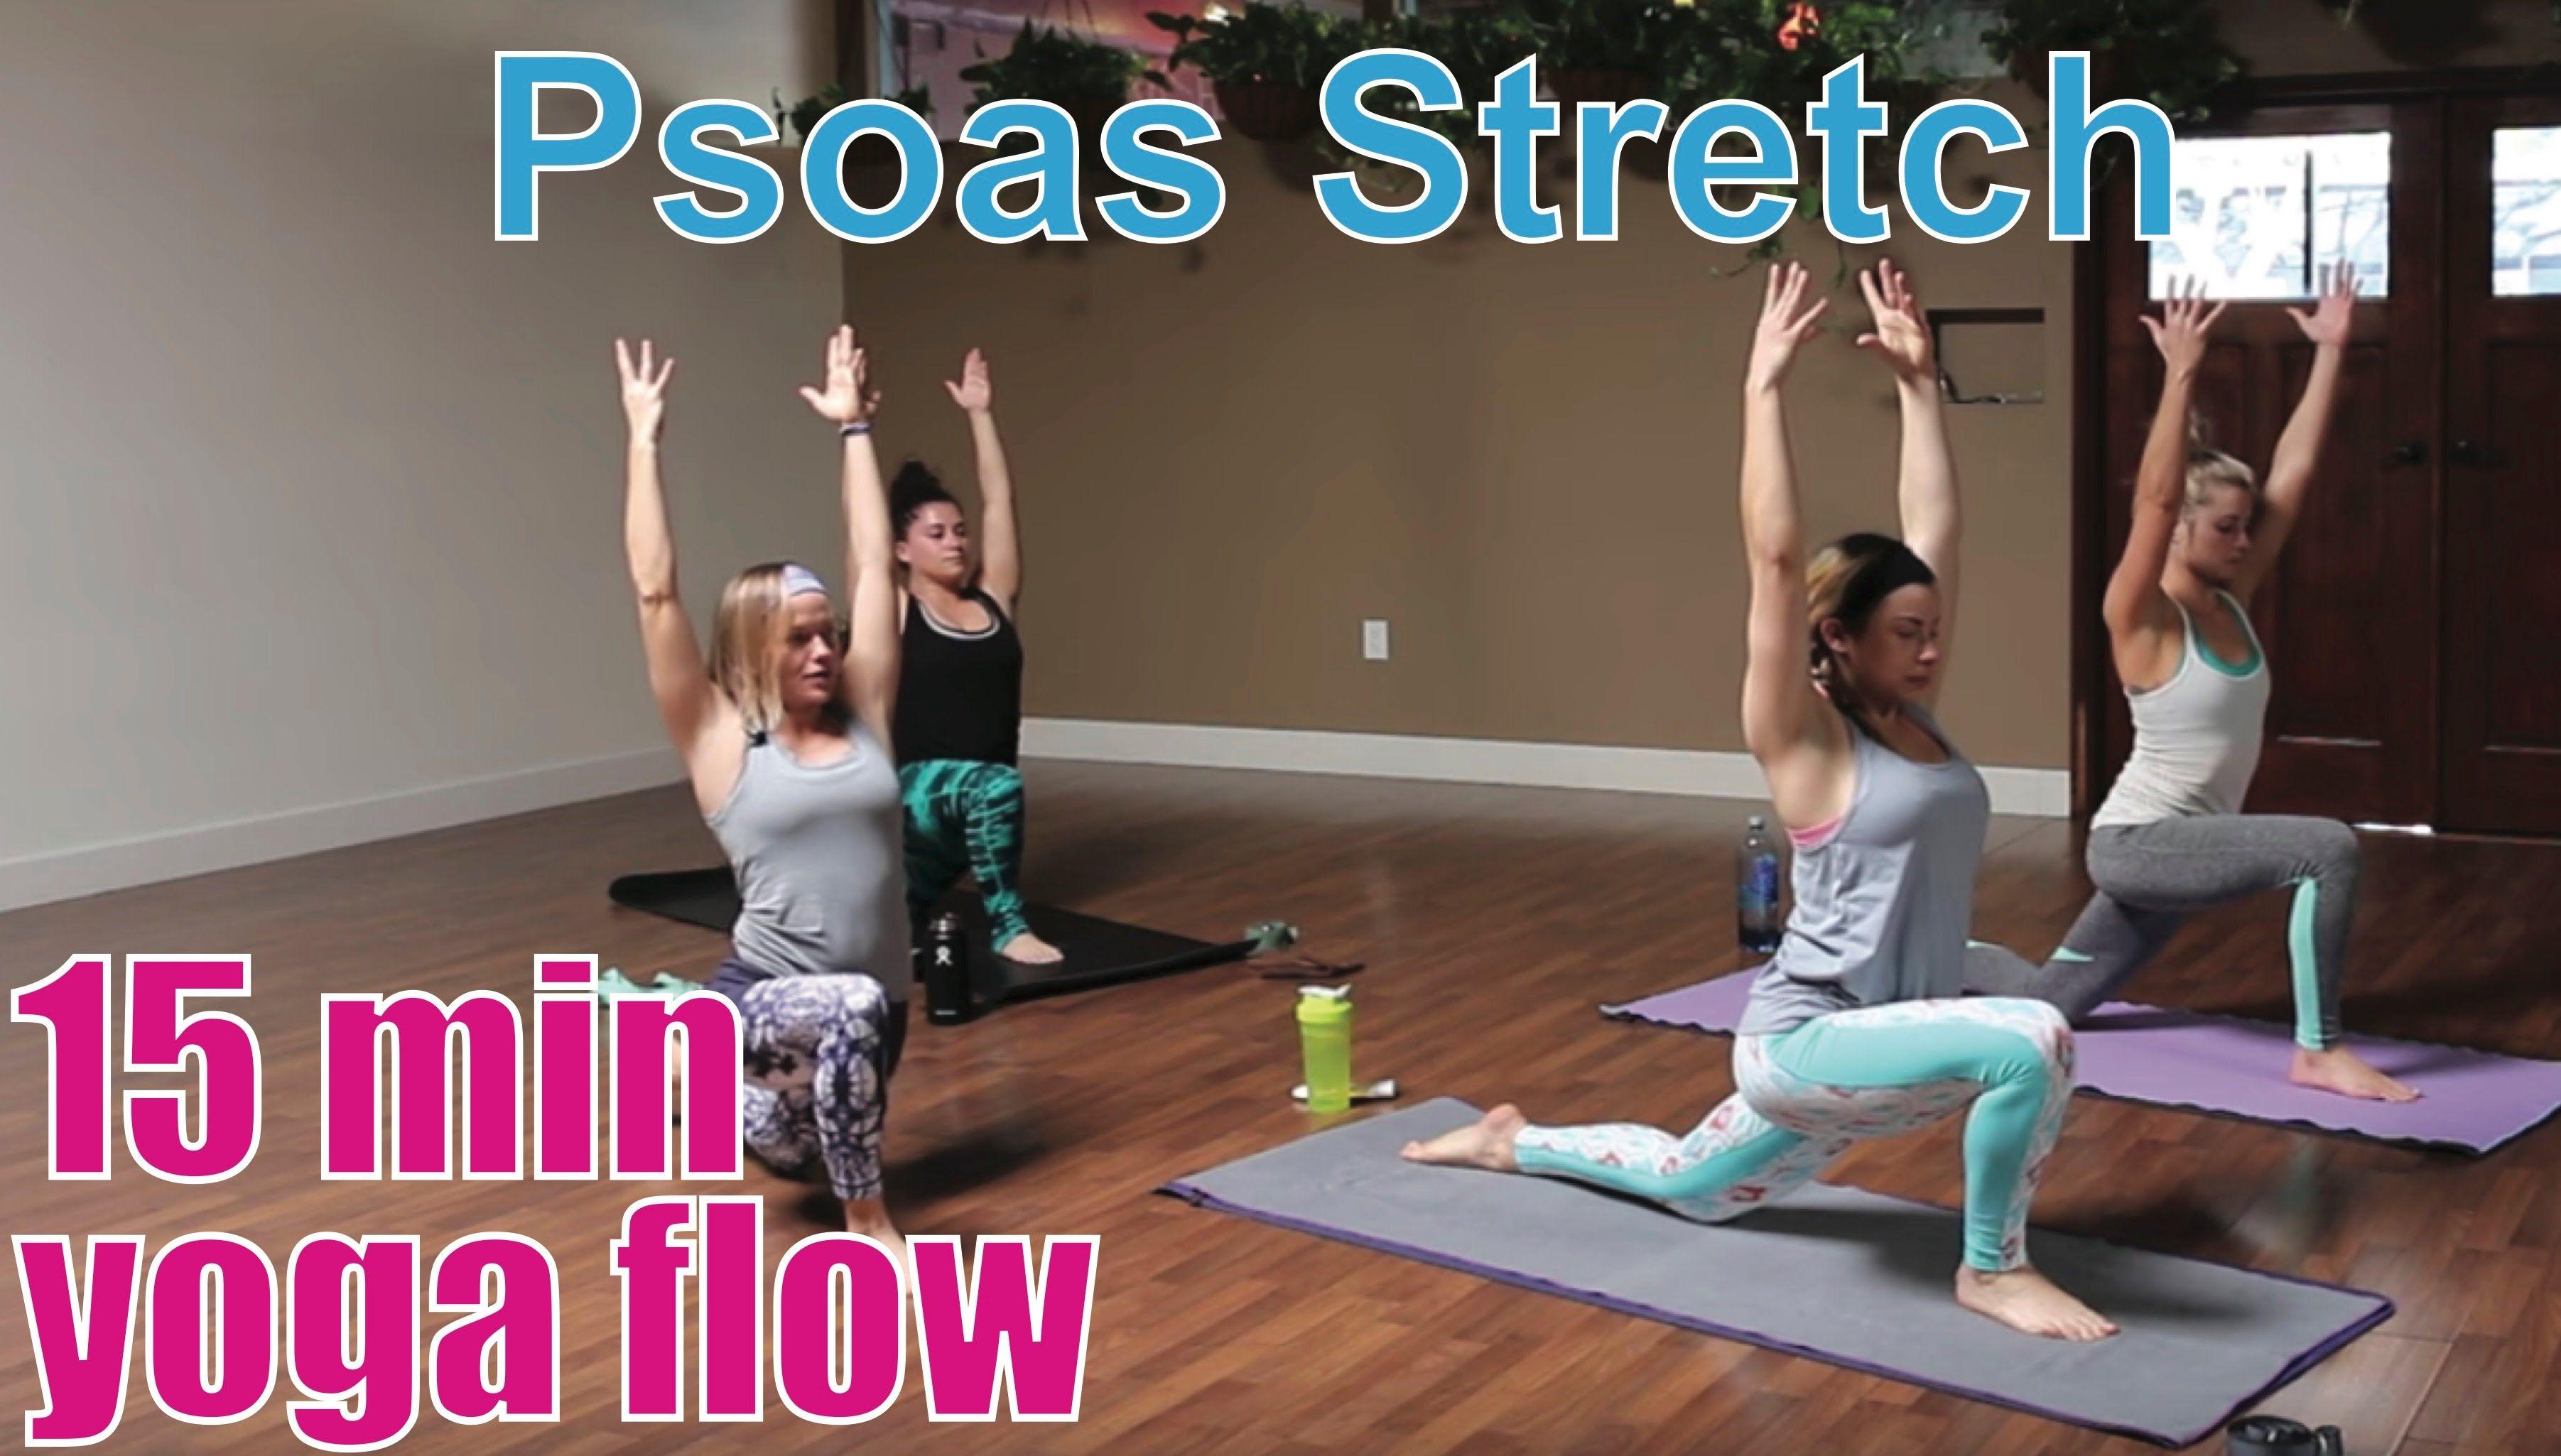 15 Minute Yoga Class - Psoas Stretch